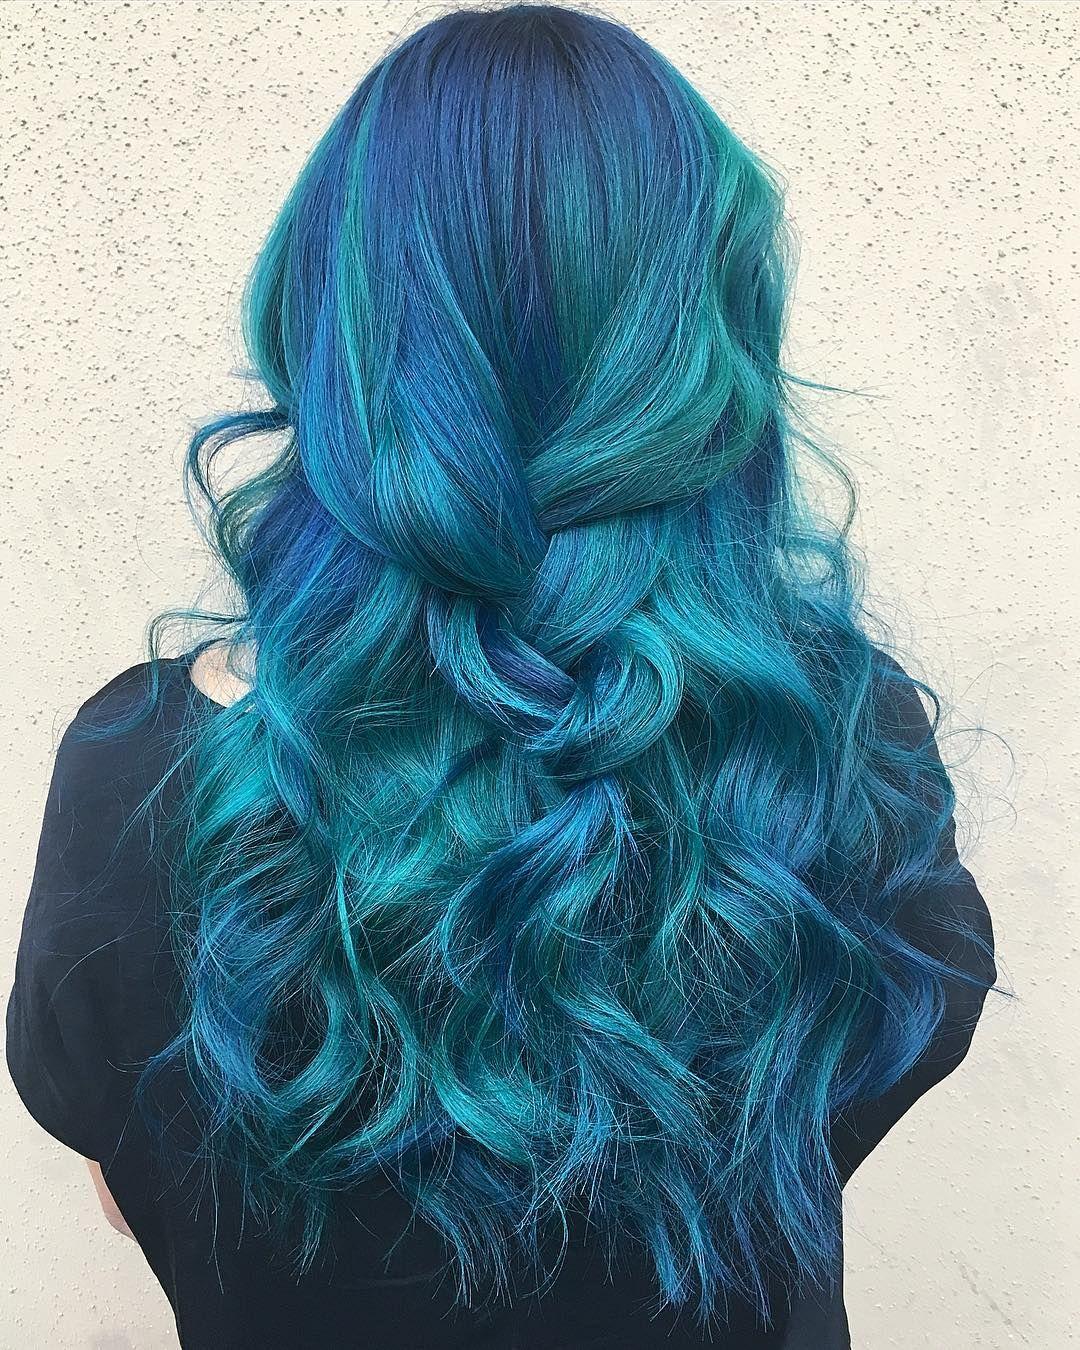 12 Mermaid Hair Color Ideas Amazing Mermaid Hairstyles For 2020